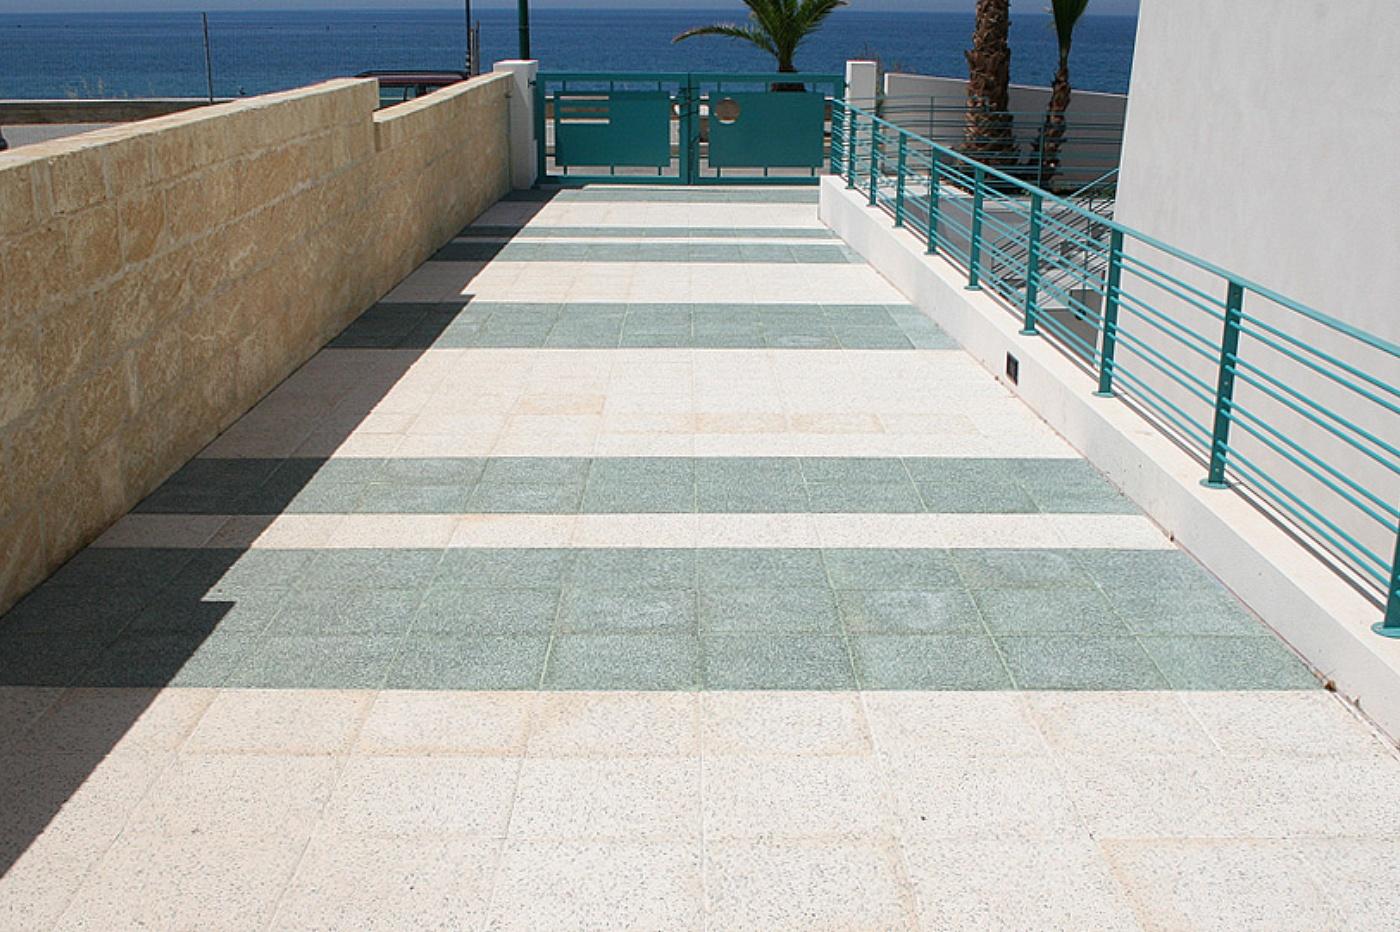 Cimino pavimenti pavimenti in cemento per esterni - Rimuovere cemento da piastrelle ...